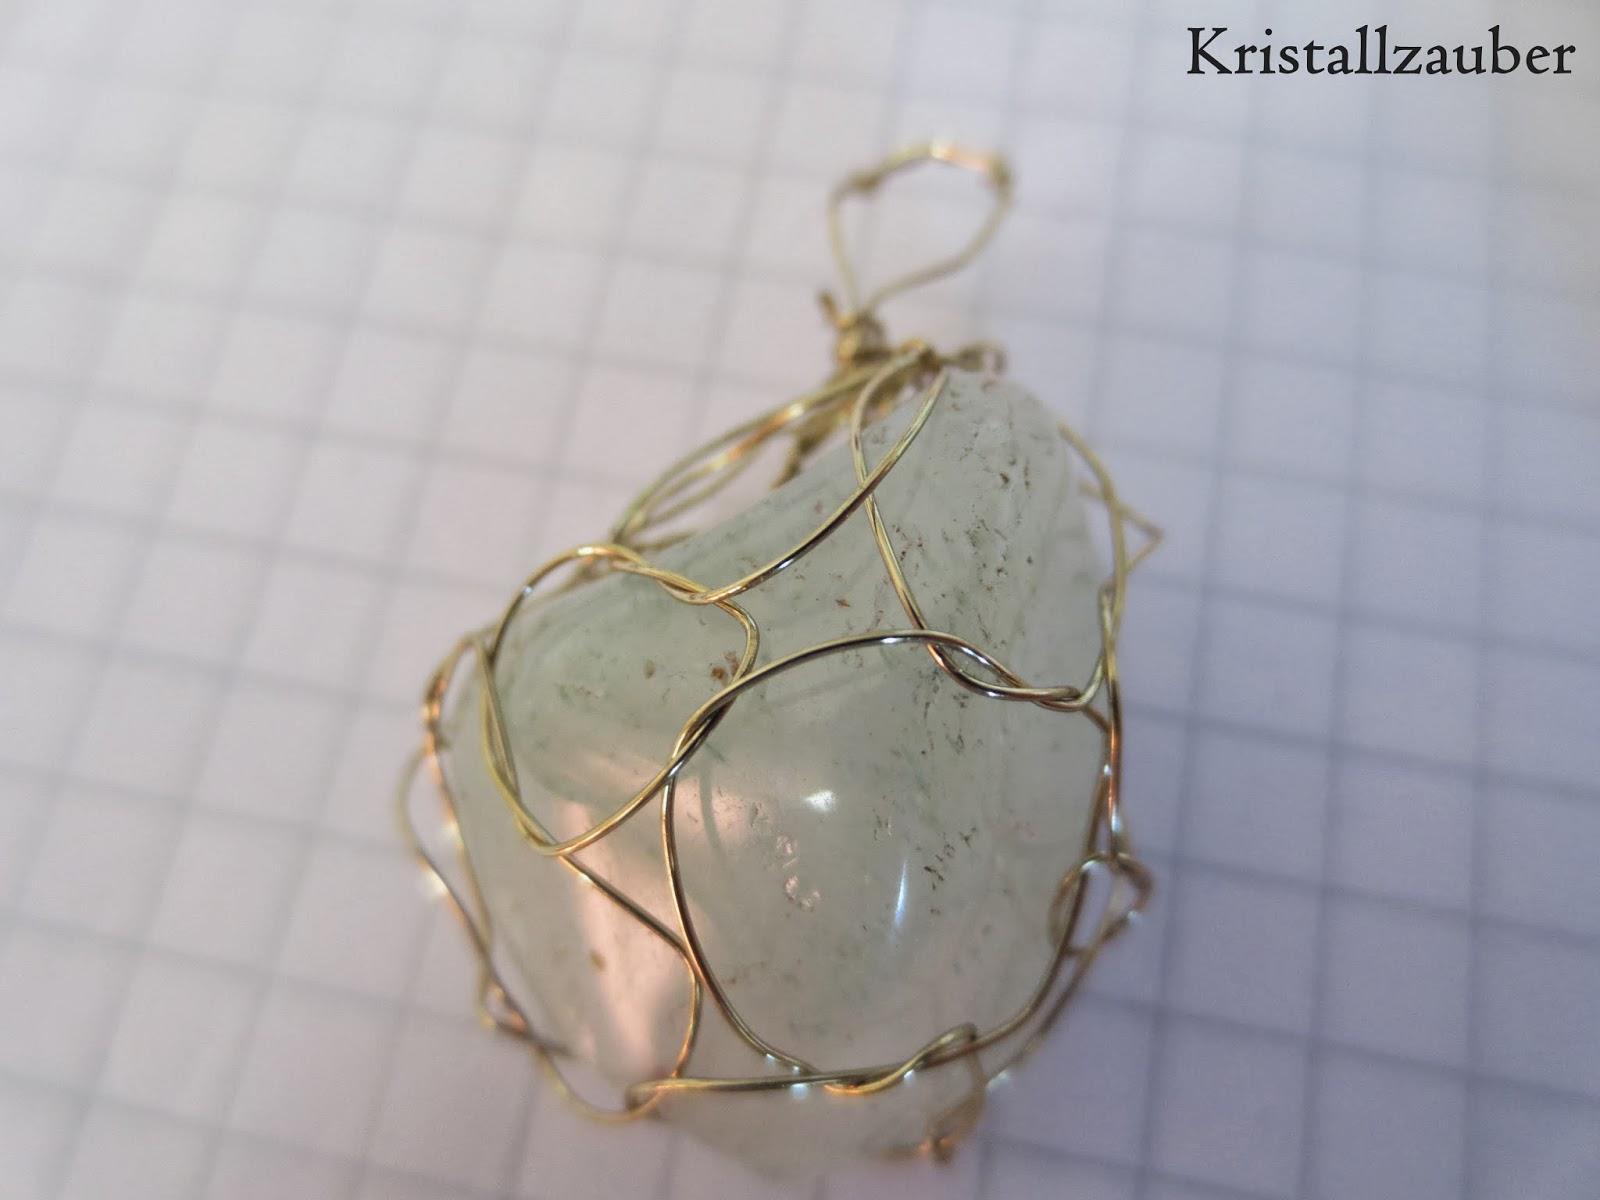 Kristallzauber: {DIY} Edelsteinkette ganz einfach selber machen